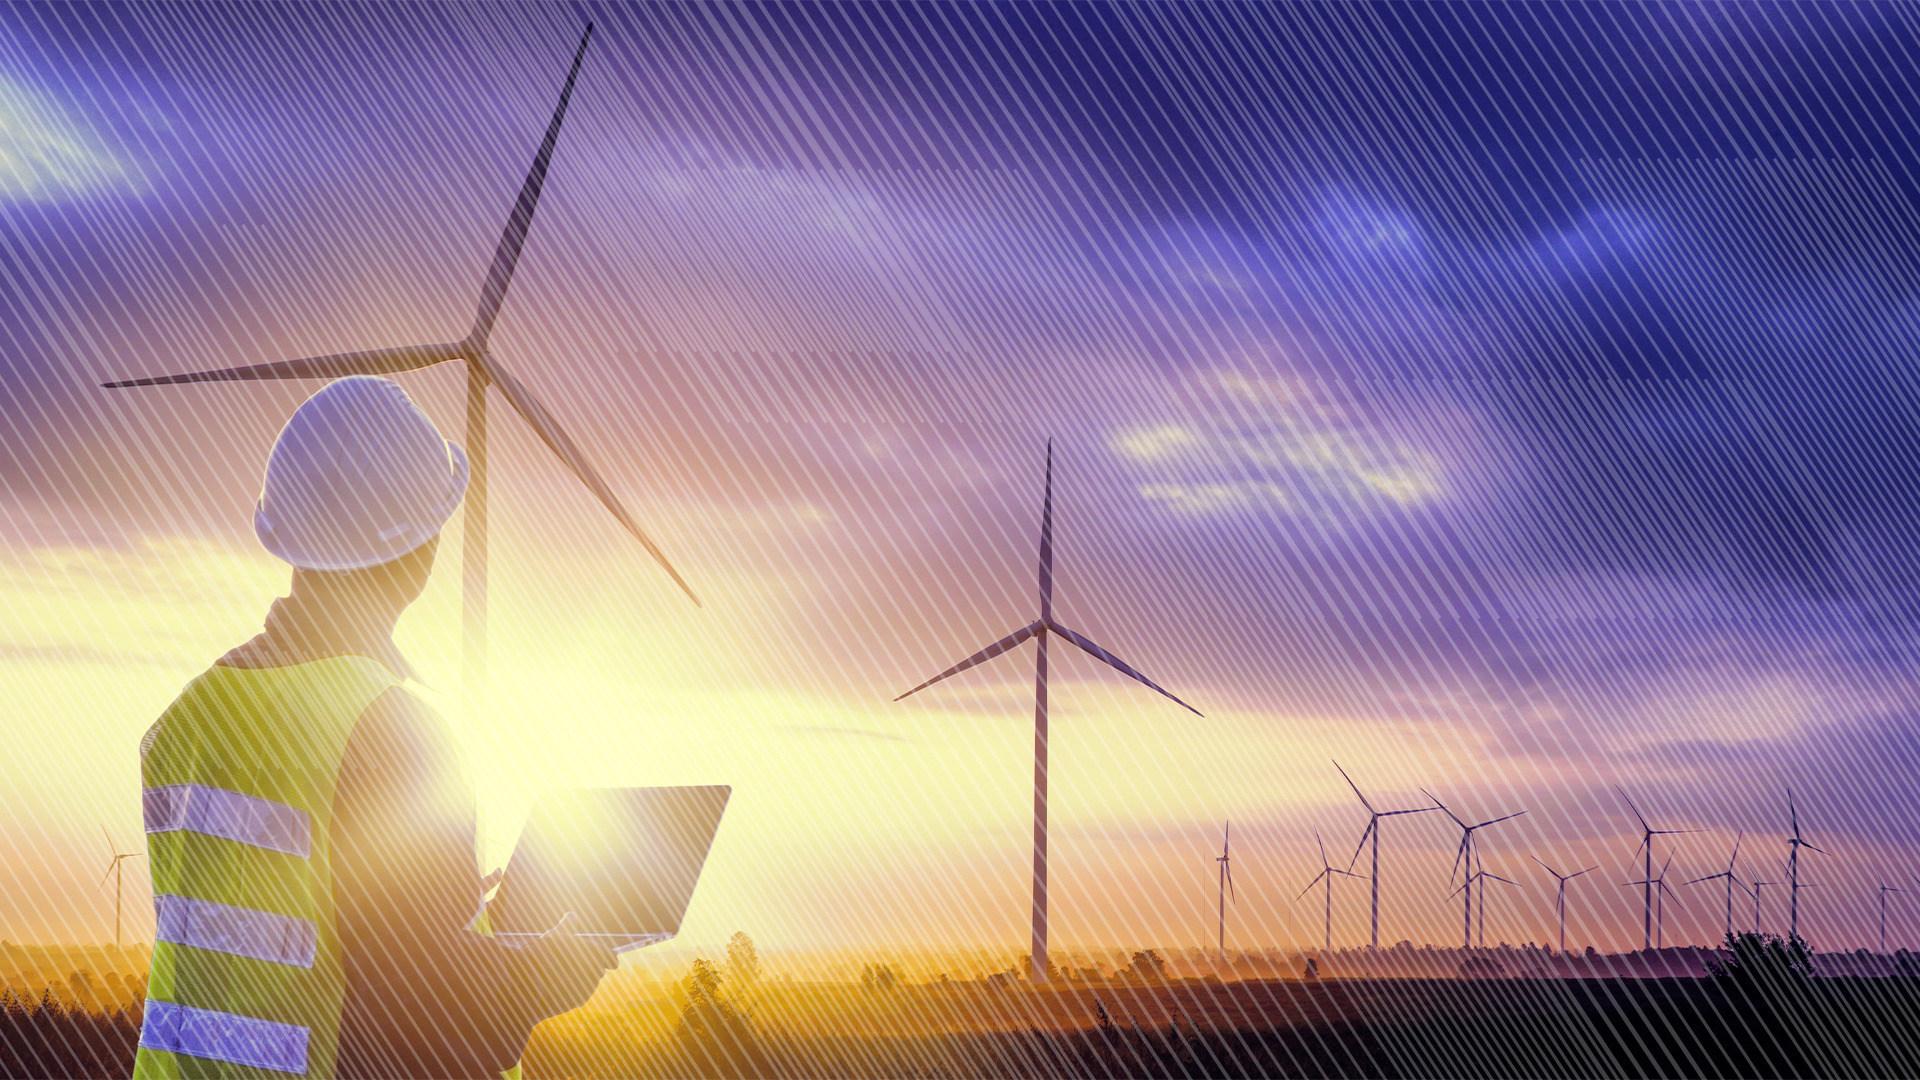 Energie, Strom, Stromversorgung, Umwelt, Umweltschutz, ökostrom, Stromnetz, Umweltfreundlich, Windkraft, Windenergie, wind, Stromerzeugung, Windkraftanlage, Windenergieanlage, Windanlage